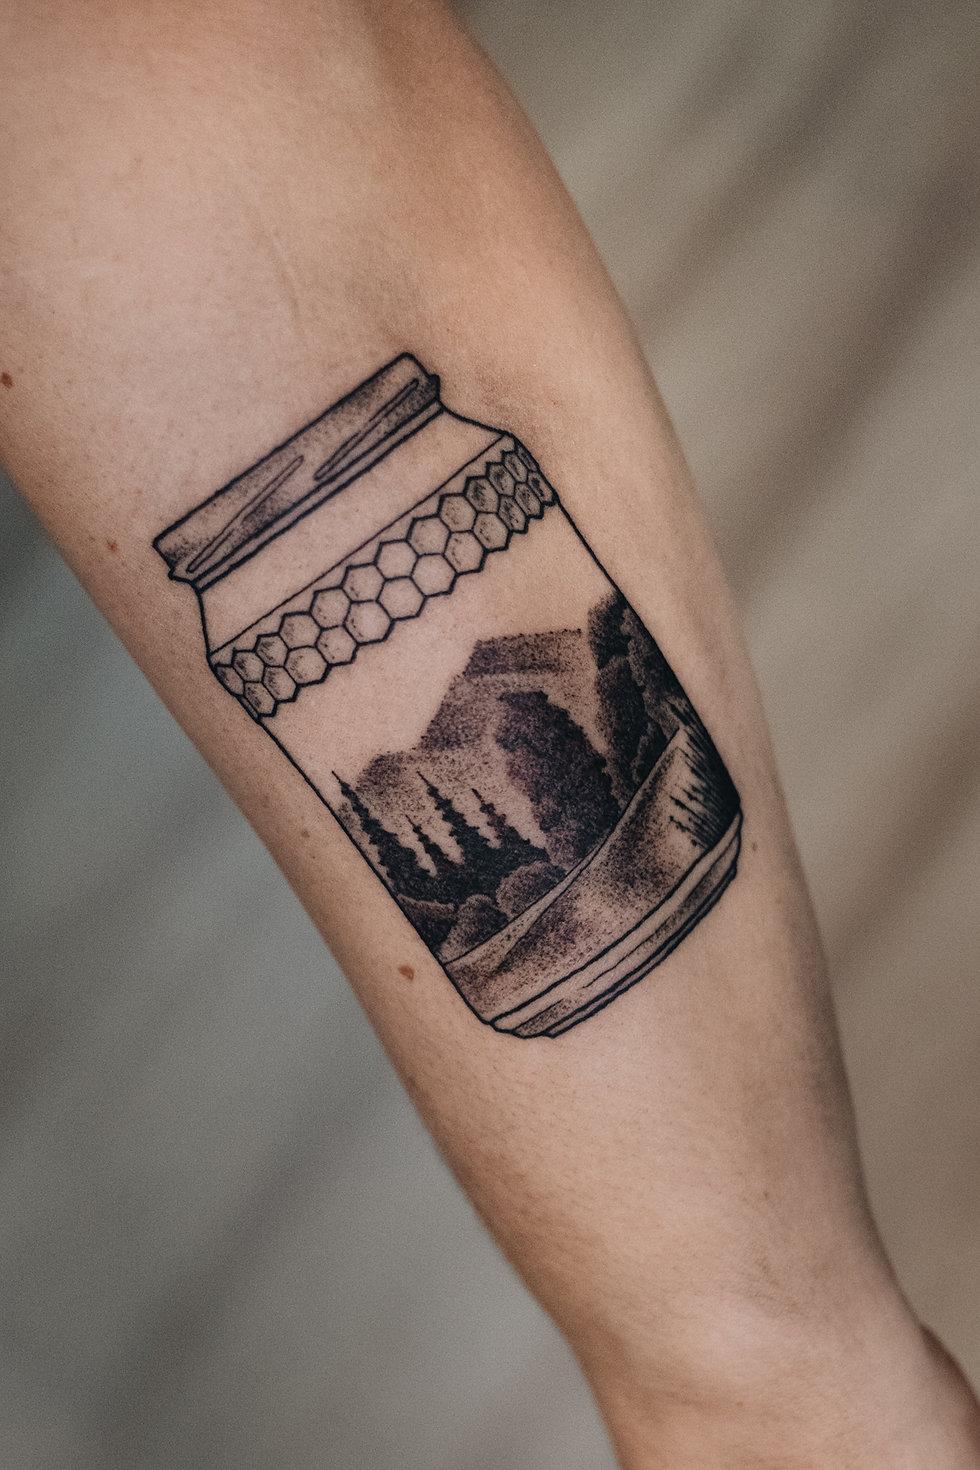 Honig Glas Form mit Landschaft und Bäumen – Landschafts Tattoo, Dotwork, Permanent Postcard Rippen Tattoo von Bob Fizz, MINT CLUB Tattoo Salzburg